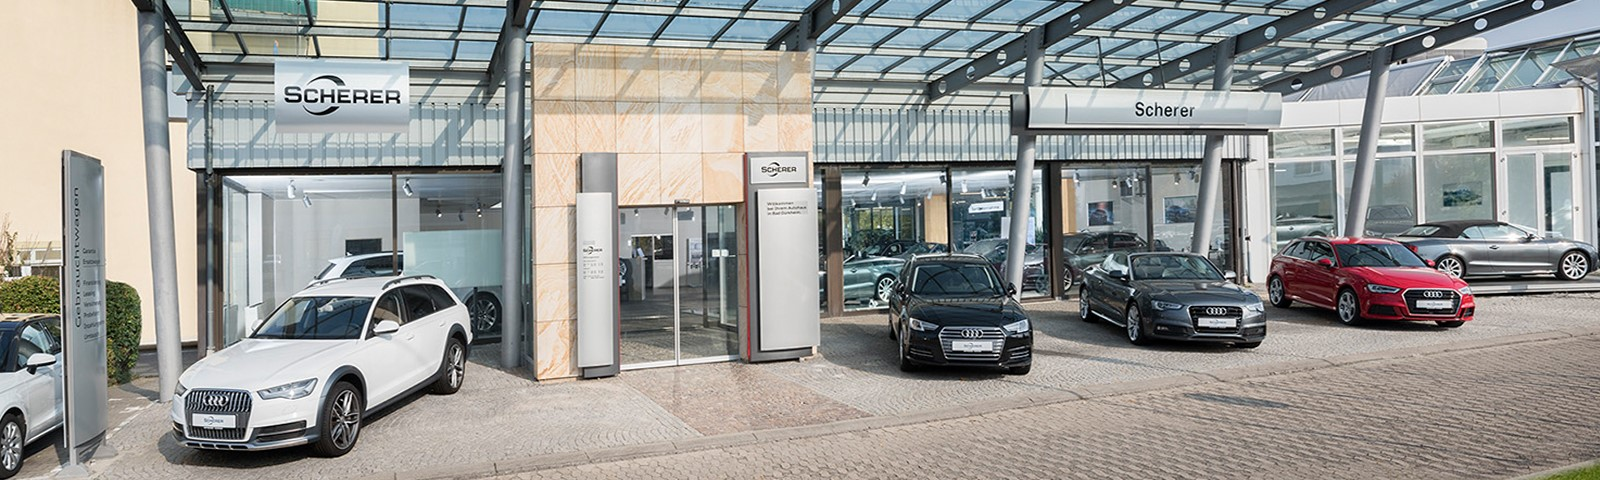 Ihr Autohaus in Bad Dürkheim — Scherer Gruppe